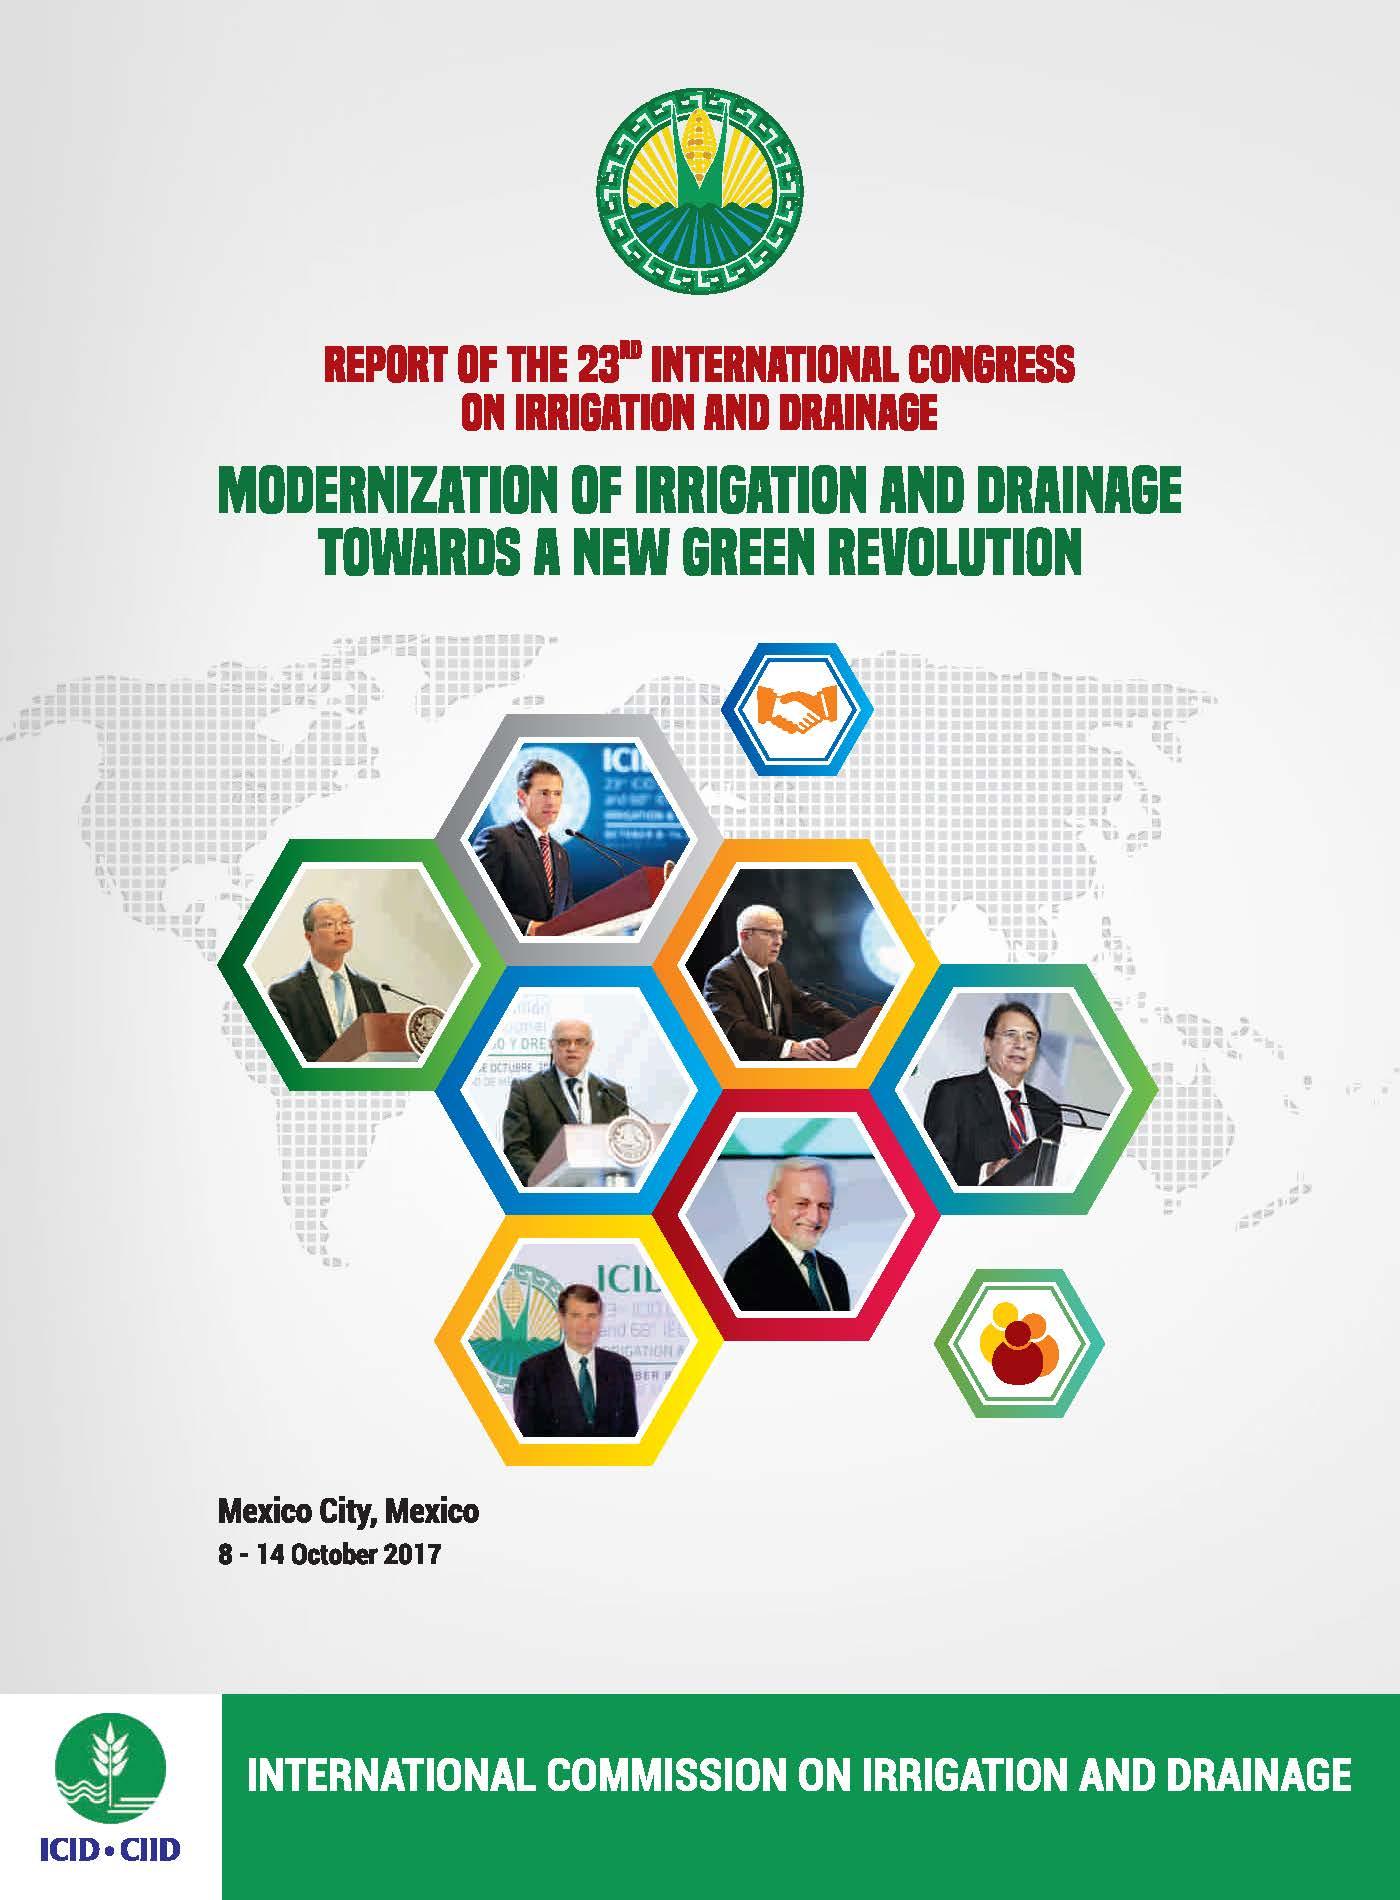 International Commission on Irrigation & Drainage (ICID)